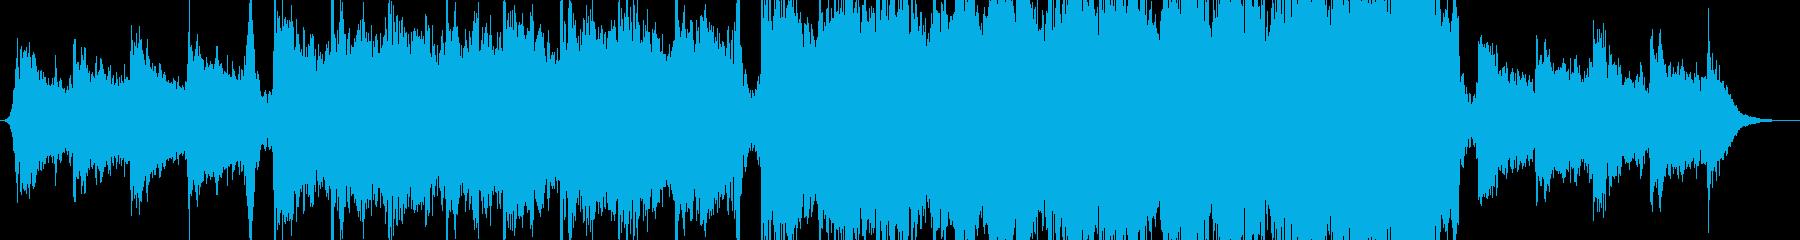 シネマティックエピックサウンドトラックの再生済みの波形